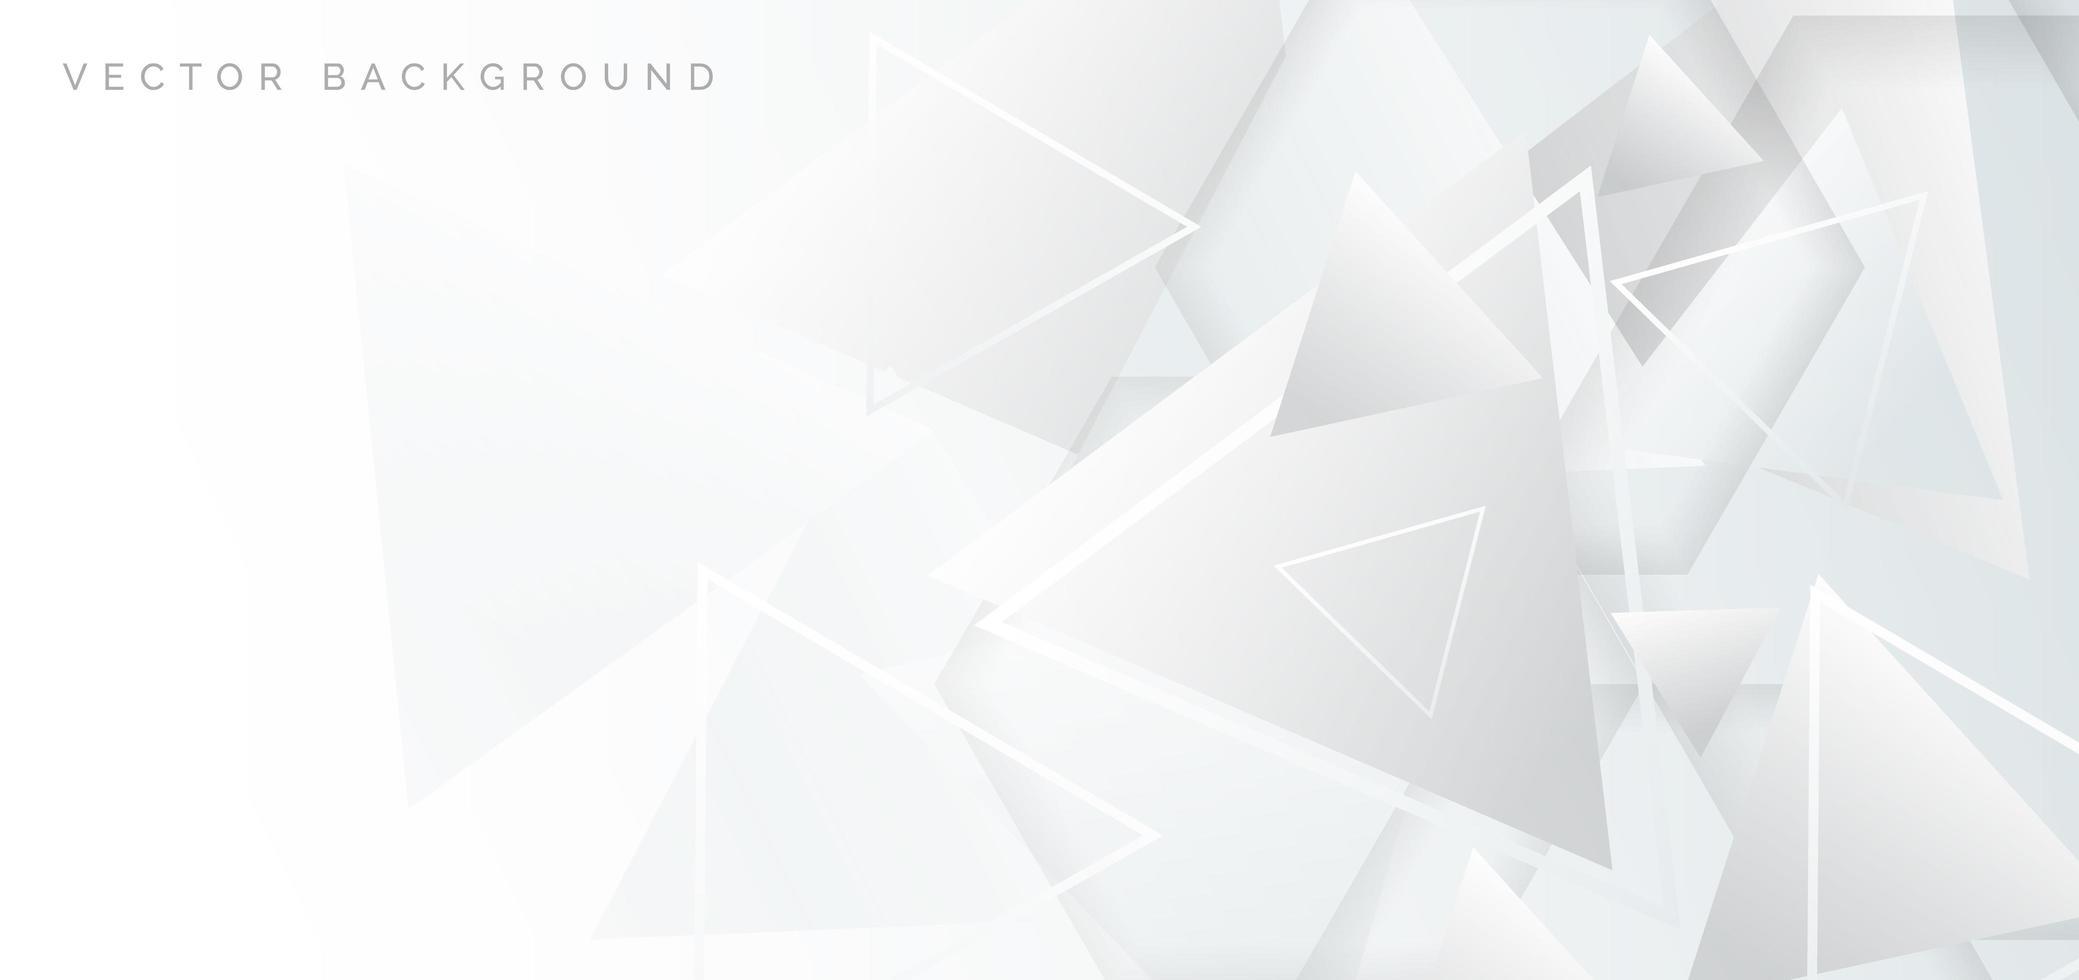 banner astratto con elementi geometrici bianchi e grigi vettore